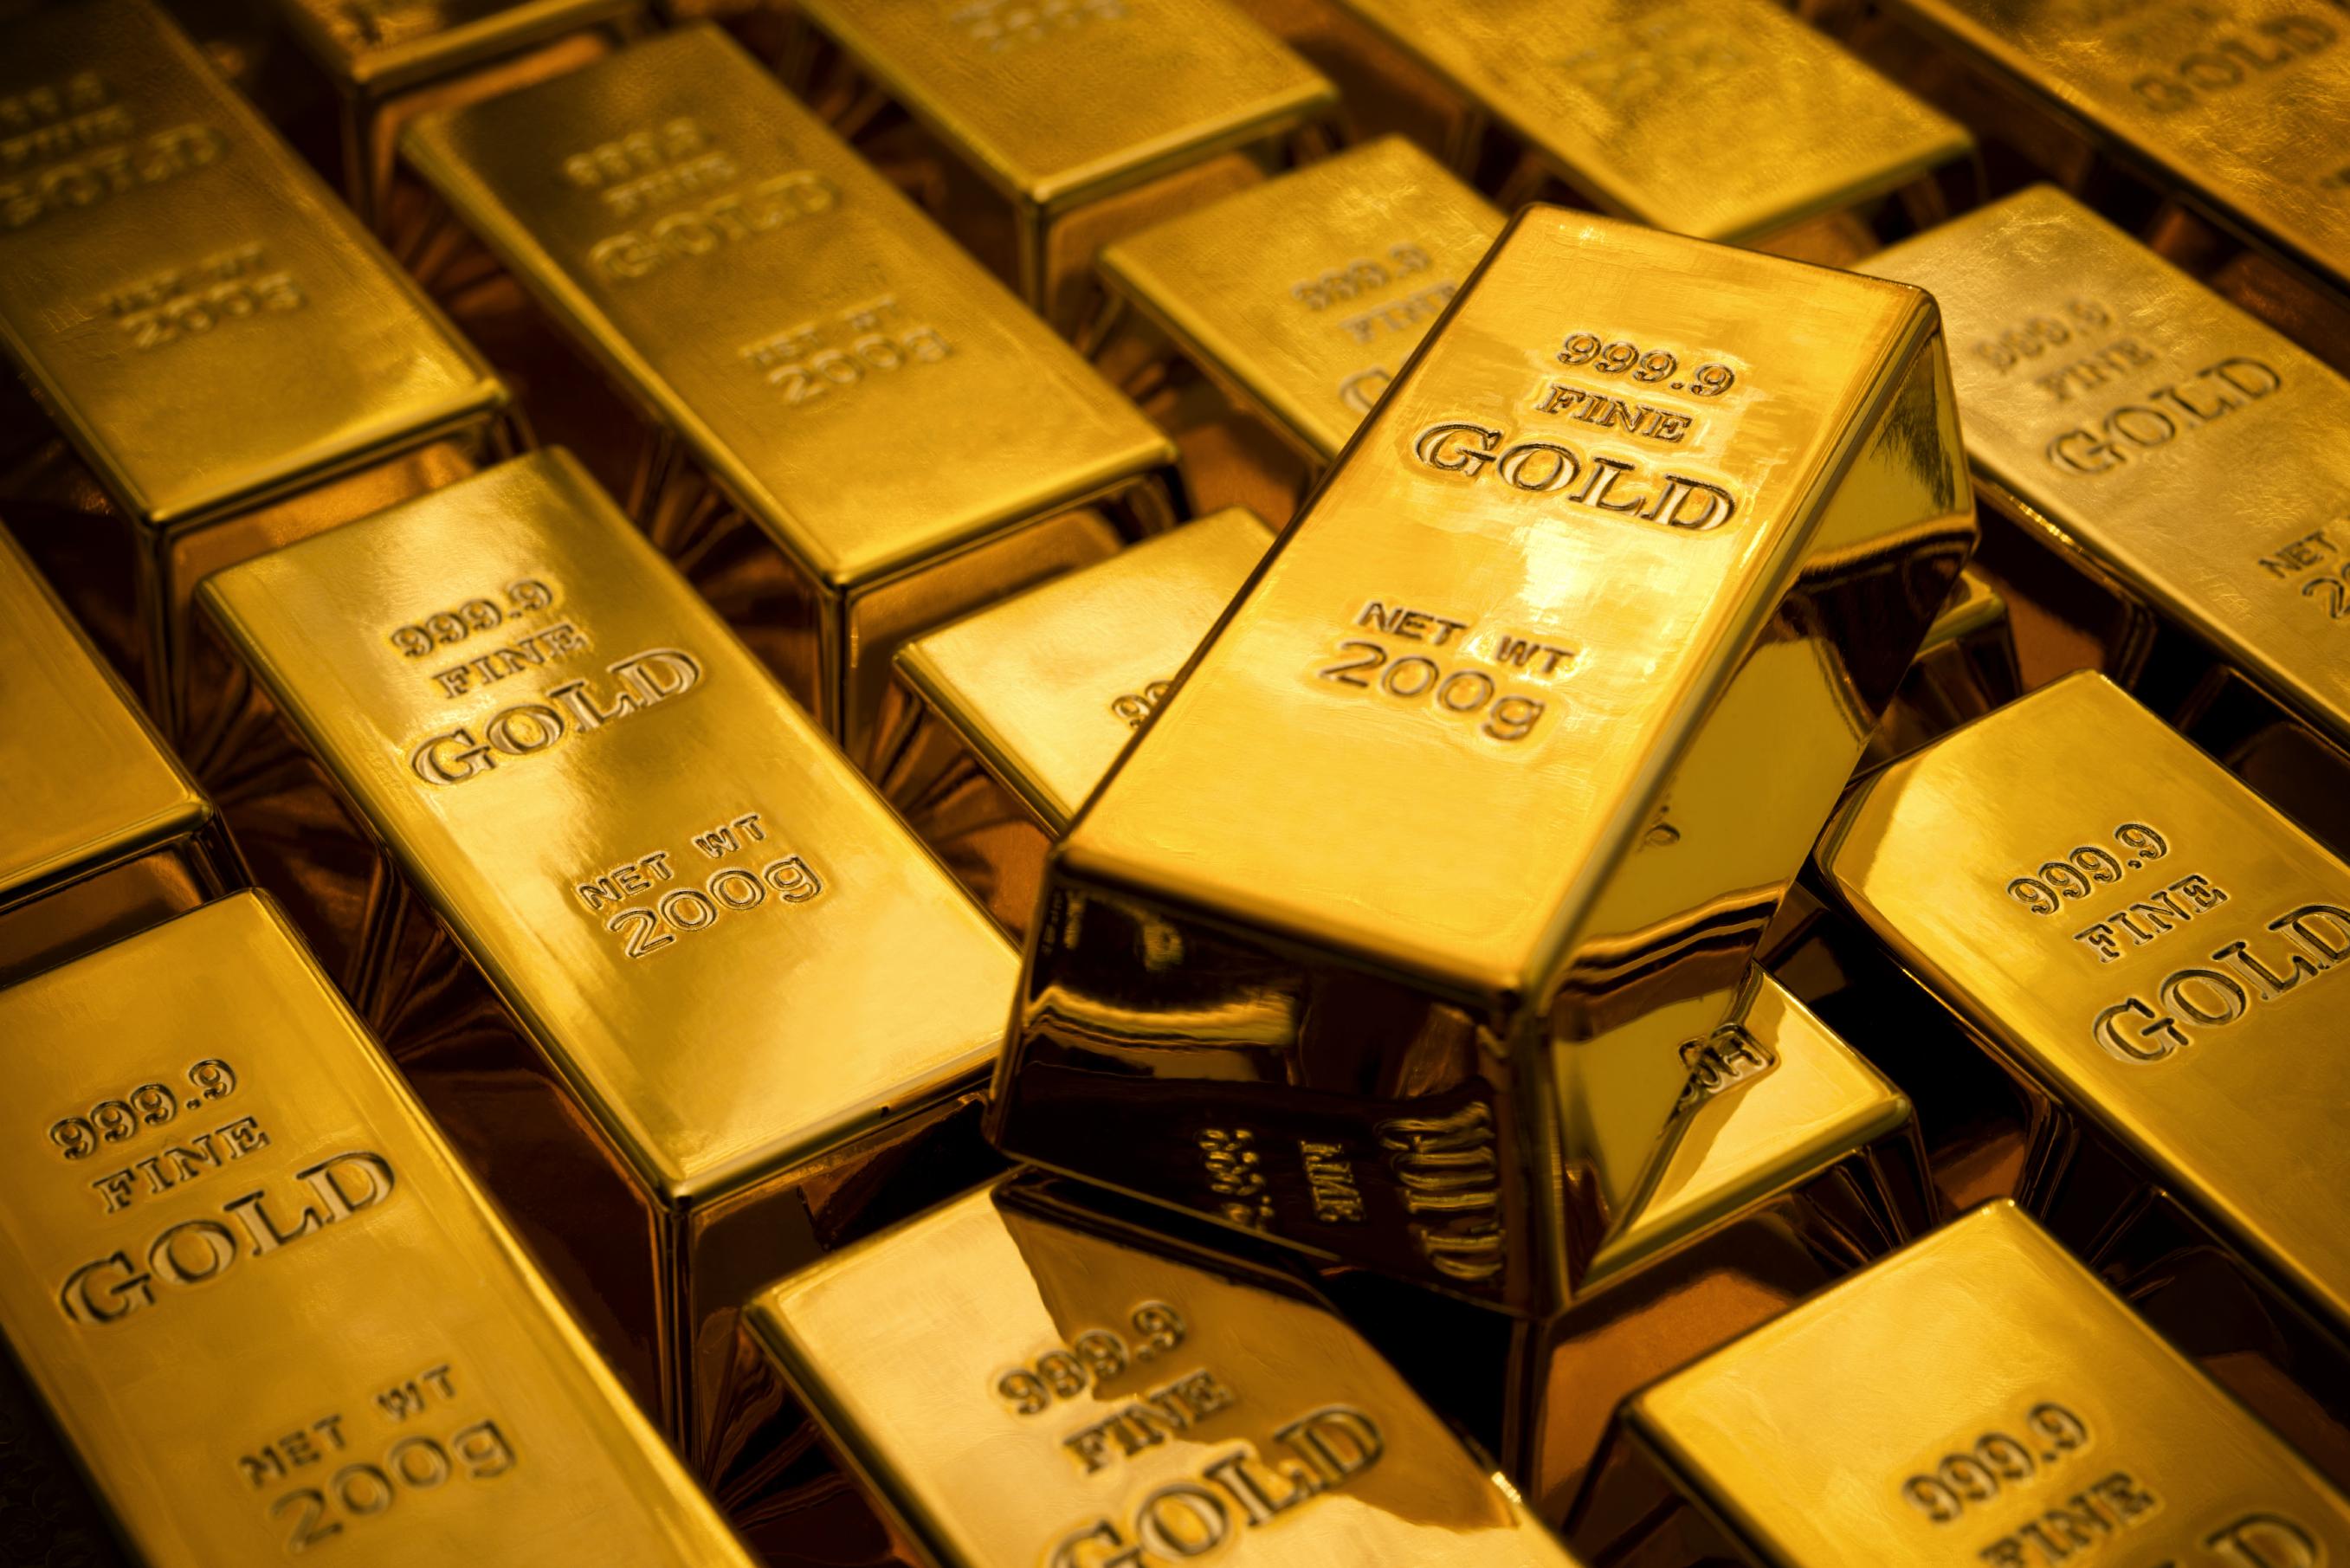 الذهب يفقد بريقه في السودان بفعل التهريب